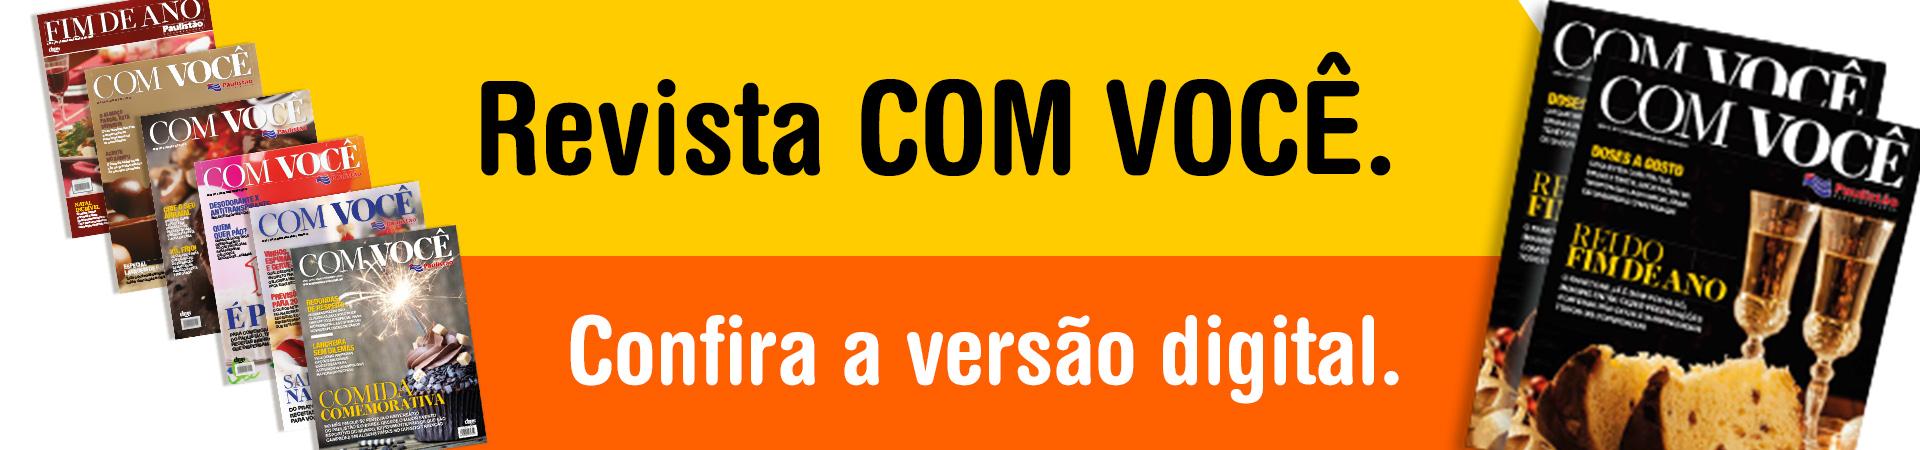 16-PAULISTÃO-1669-REVISTA COMVC 2017 - 1920X450PX